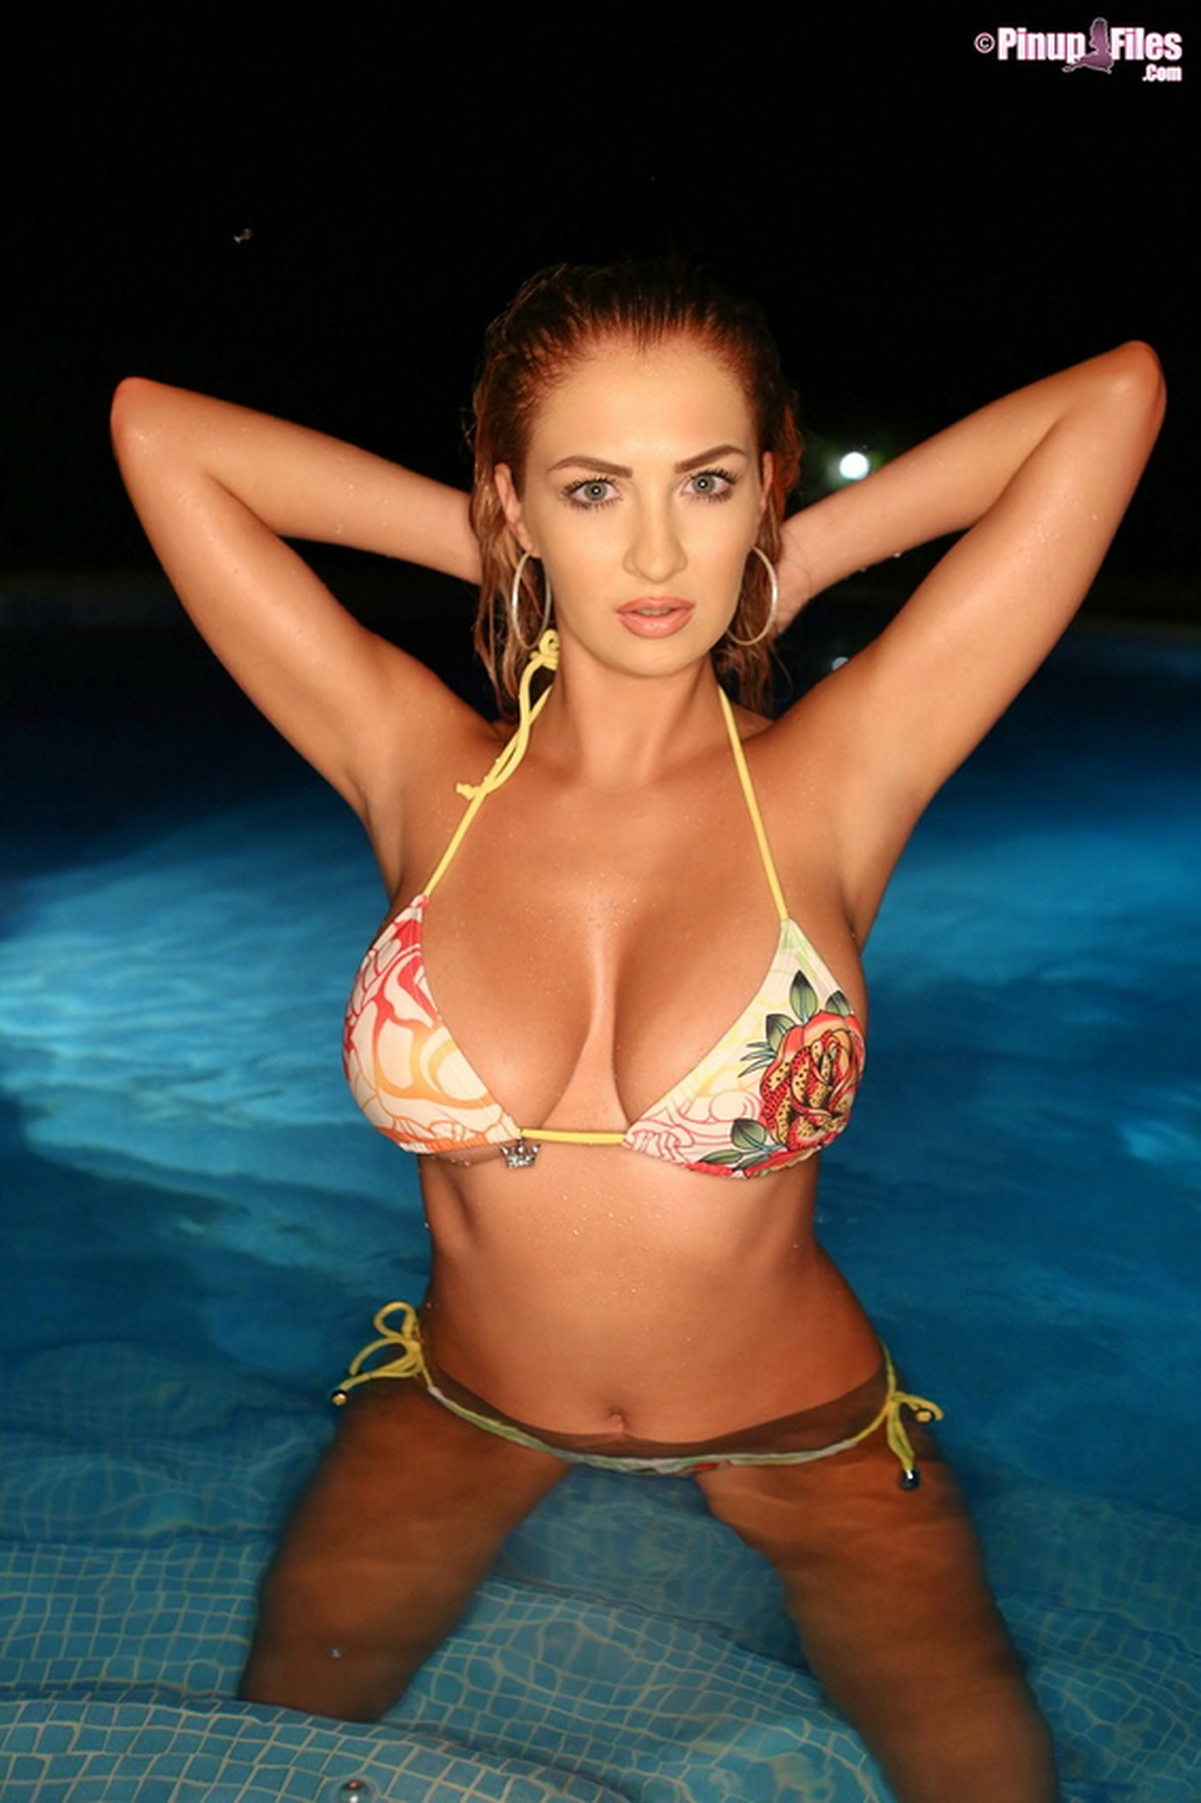 Ellis Attard nude (93 photo) Hacked, YouTube, swimsuit